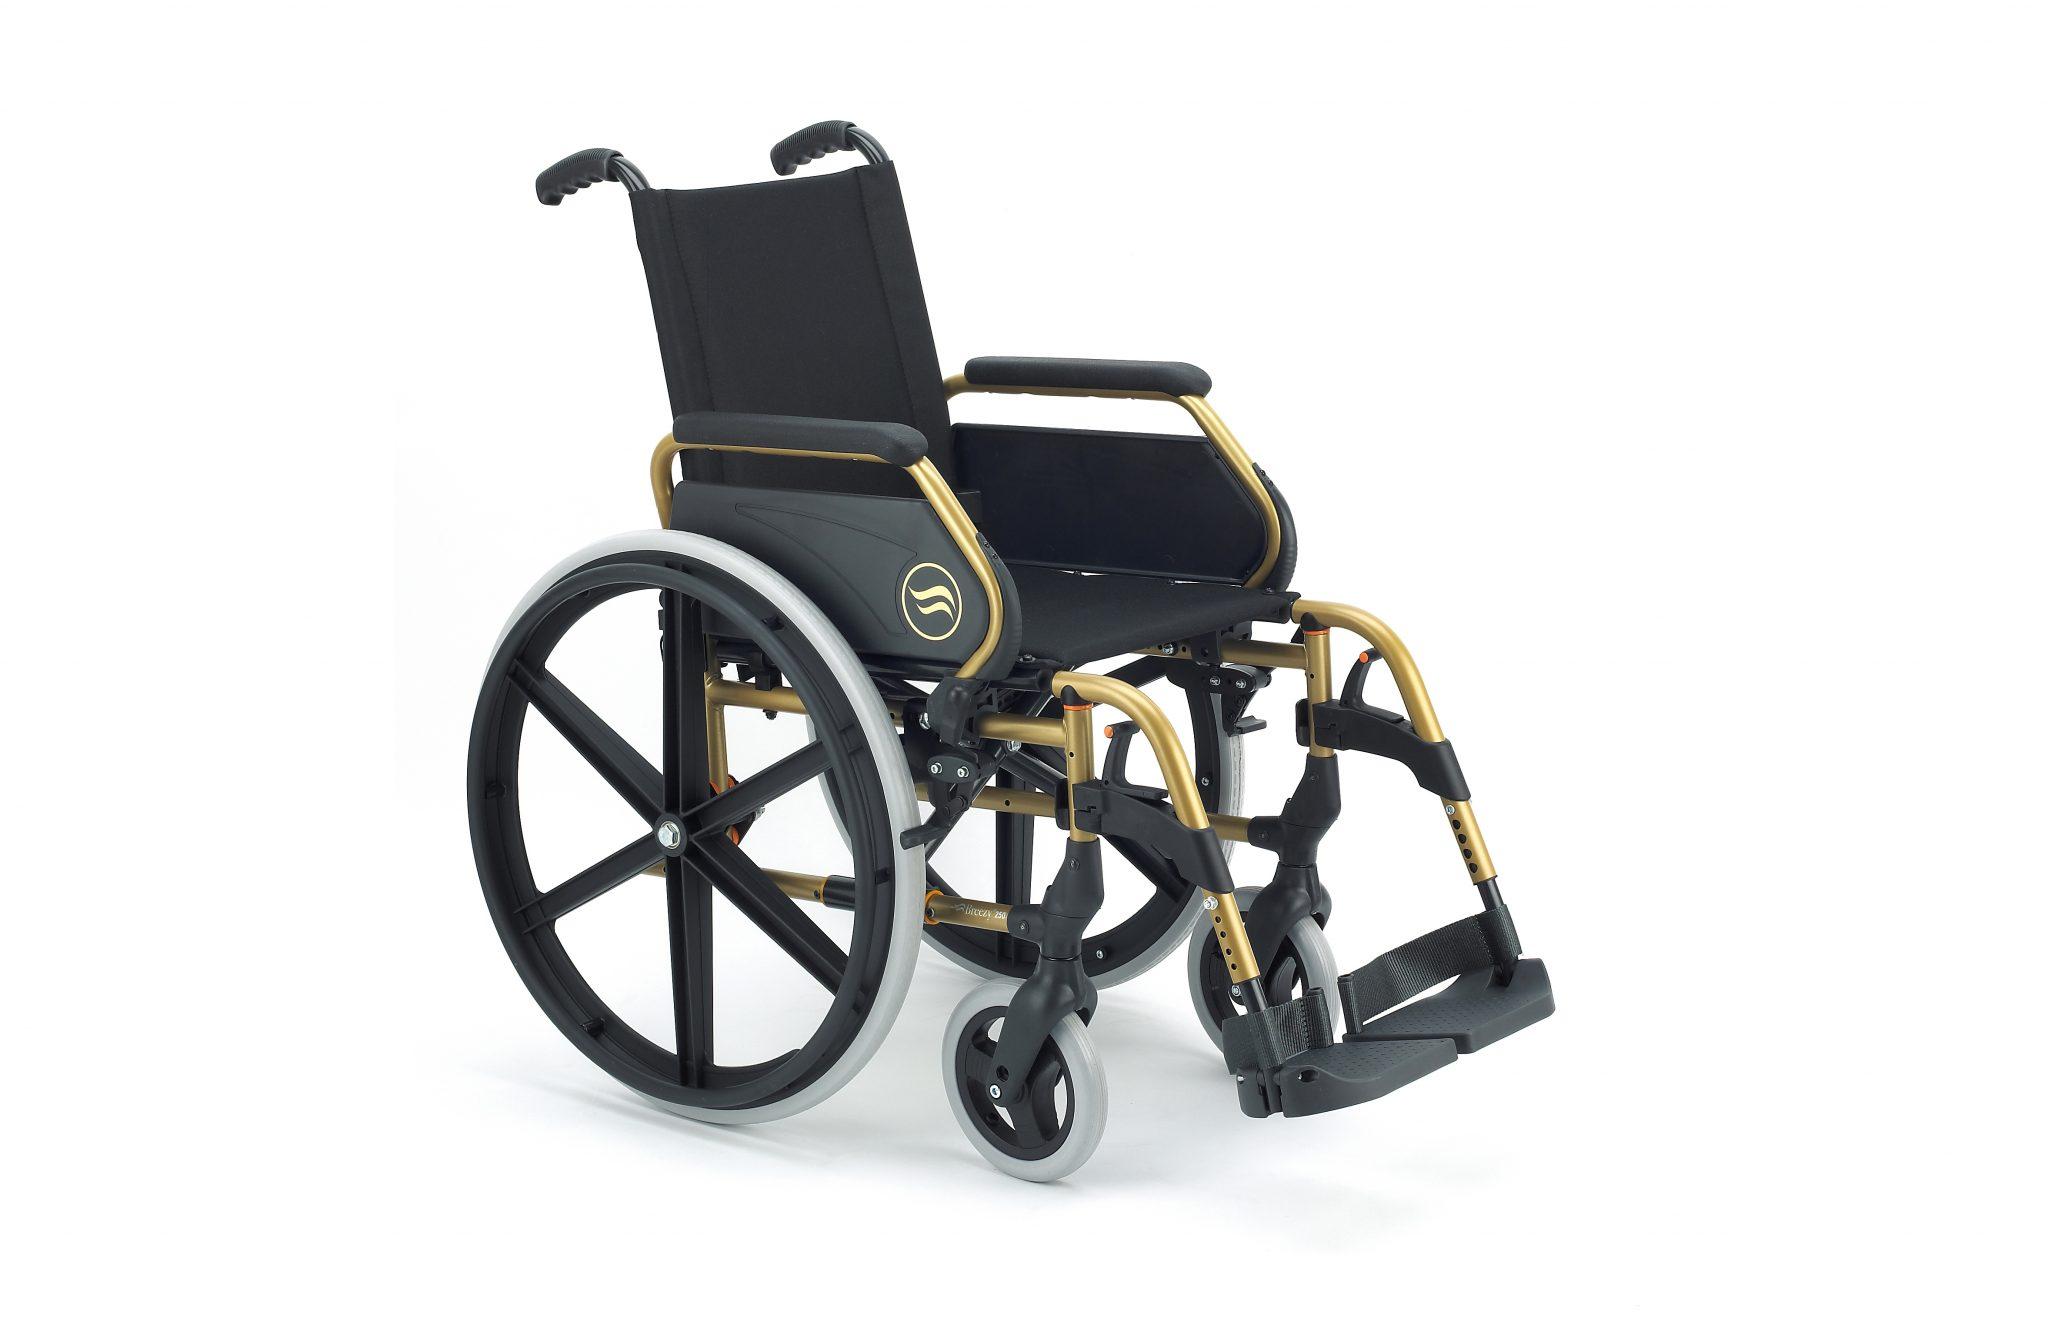 Cadeira de rodas manual, preta com estrutura dourada, com roda grande, com vista de perfil.